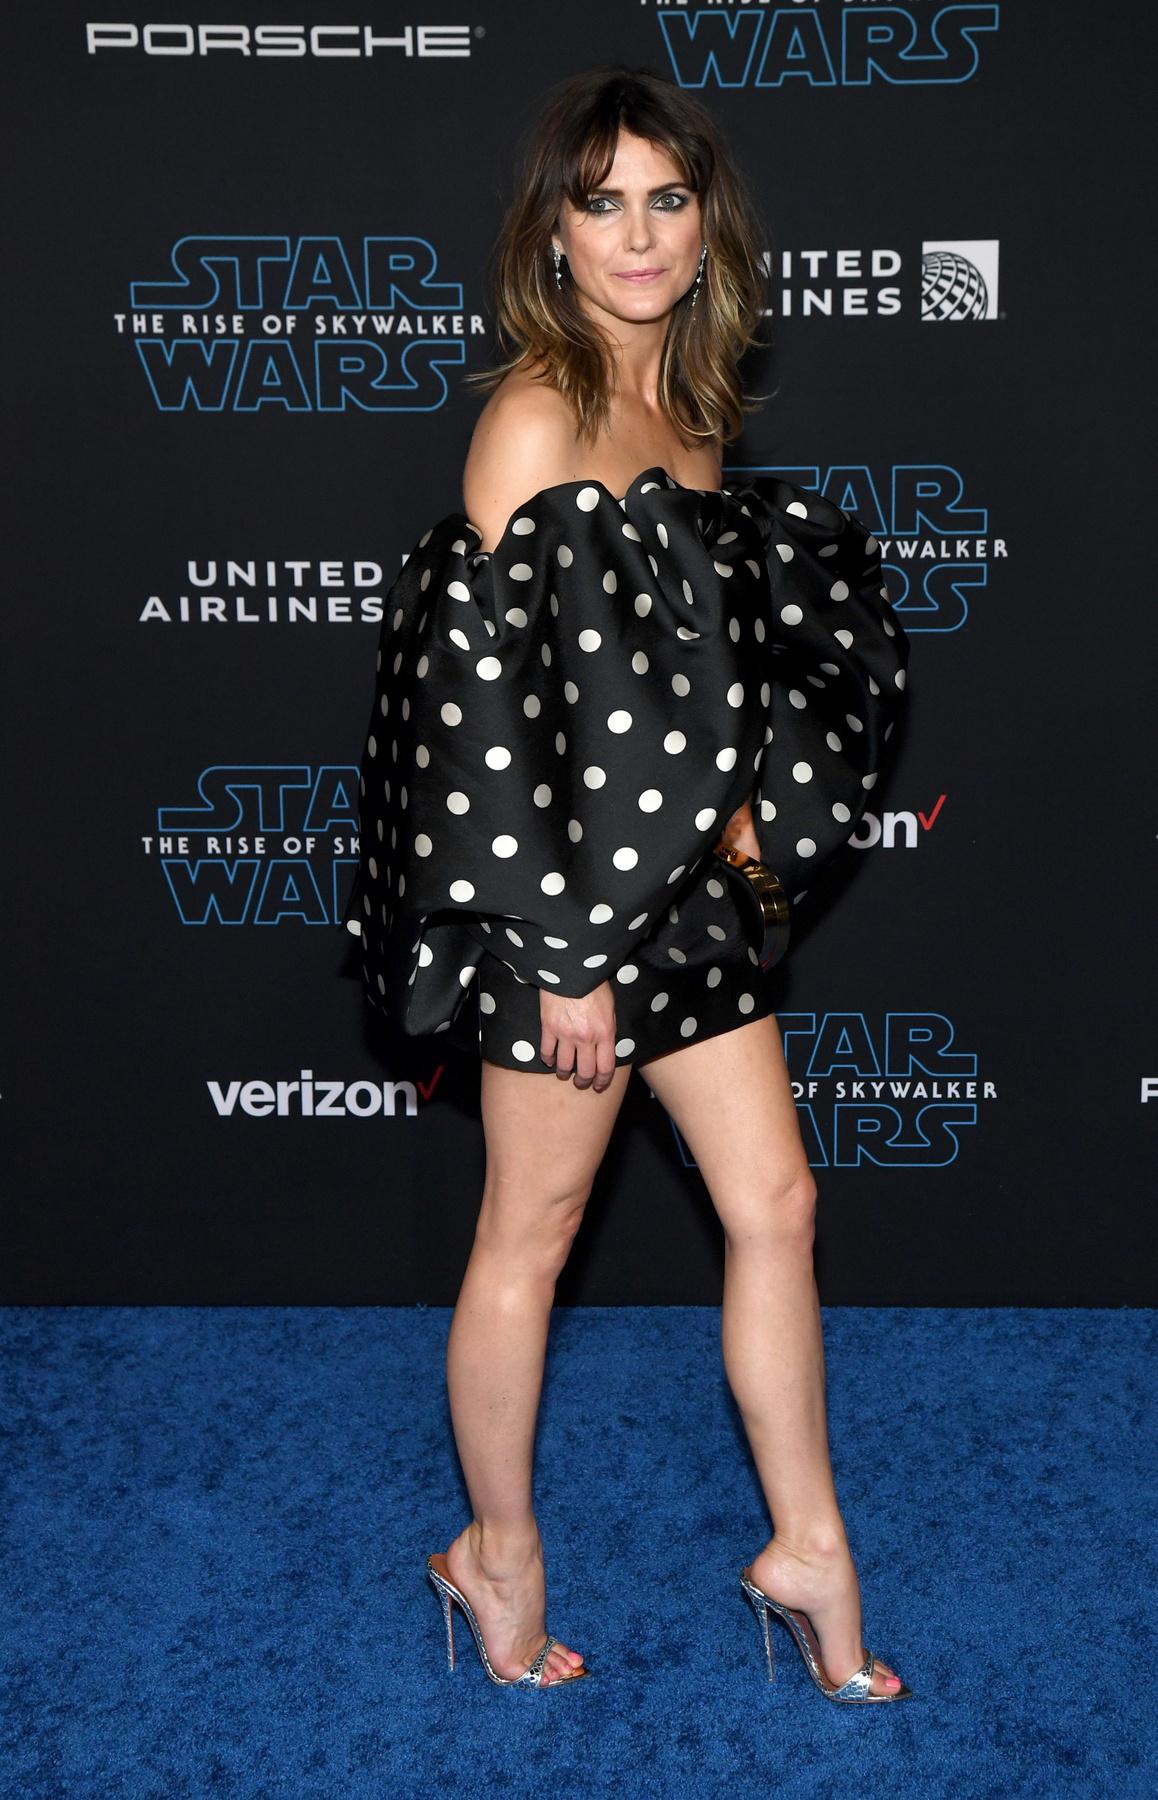 Ettől a V alakú rátéttől olyan ez a ruha, hogy akár jelmeznek is jó lett volna a filmbe.